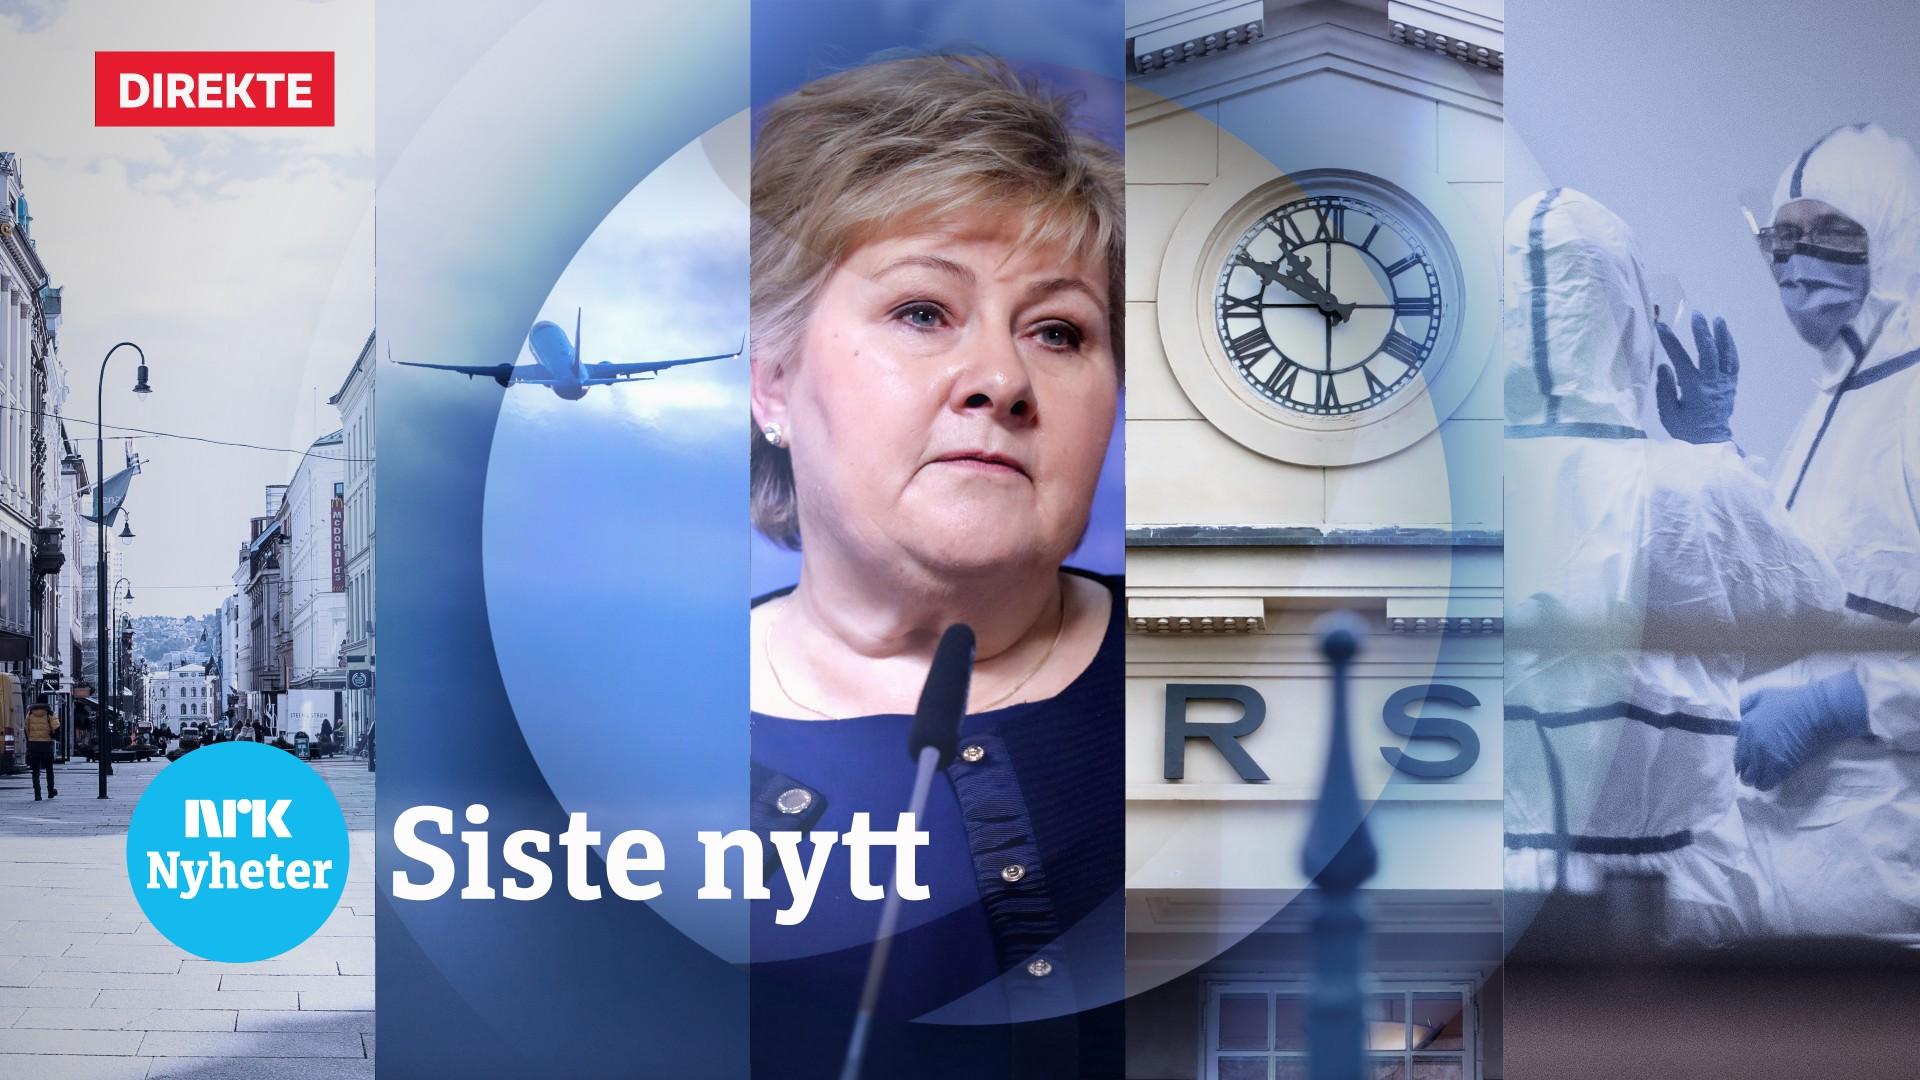 Helsedirektoratet Haper A Kunne Teste 100 000 I Uka Innen Manedsskiftet Nrk Norge Oversikt Over Nyheter Fra Ulike Deler Av Landet